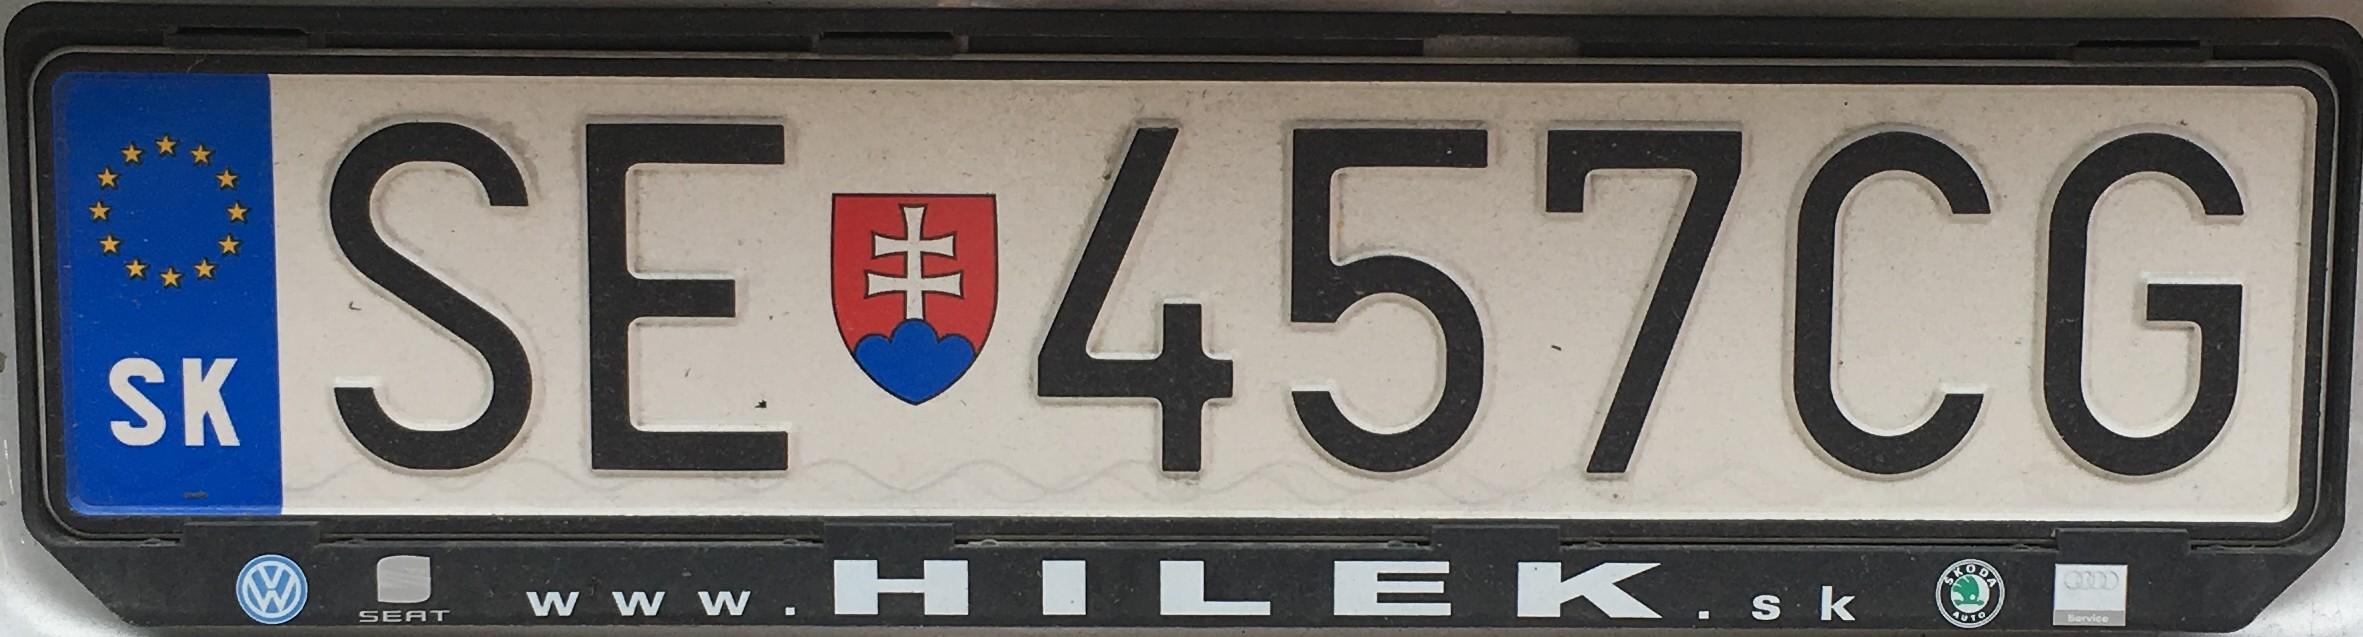 Registrační značka: SE - Senica, foto: vlastní